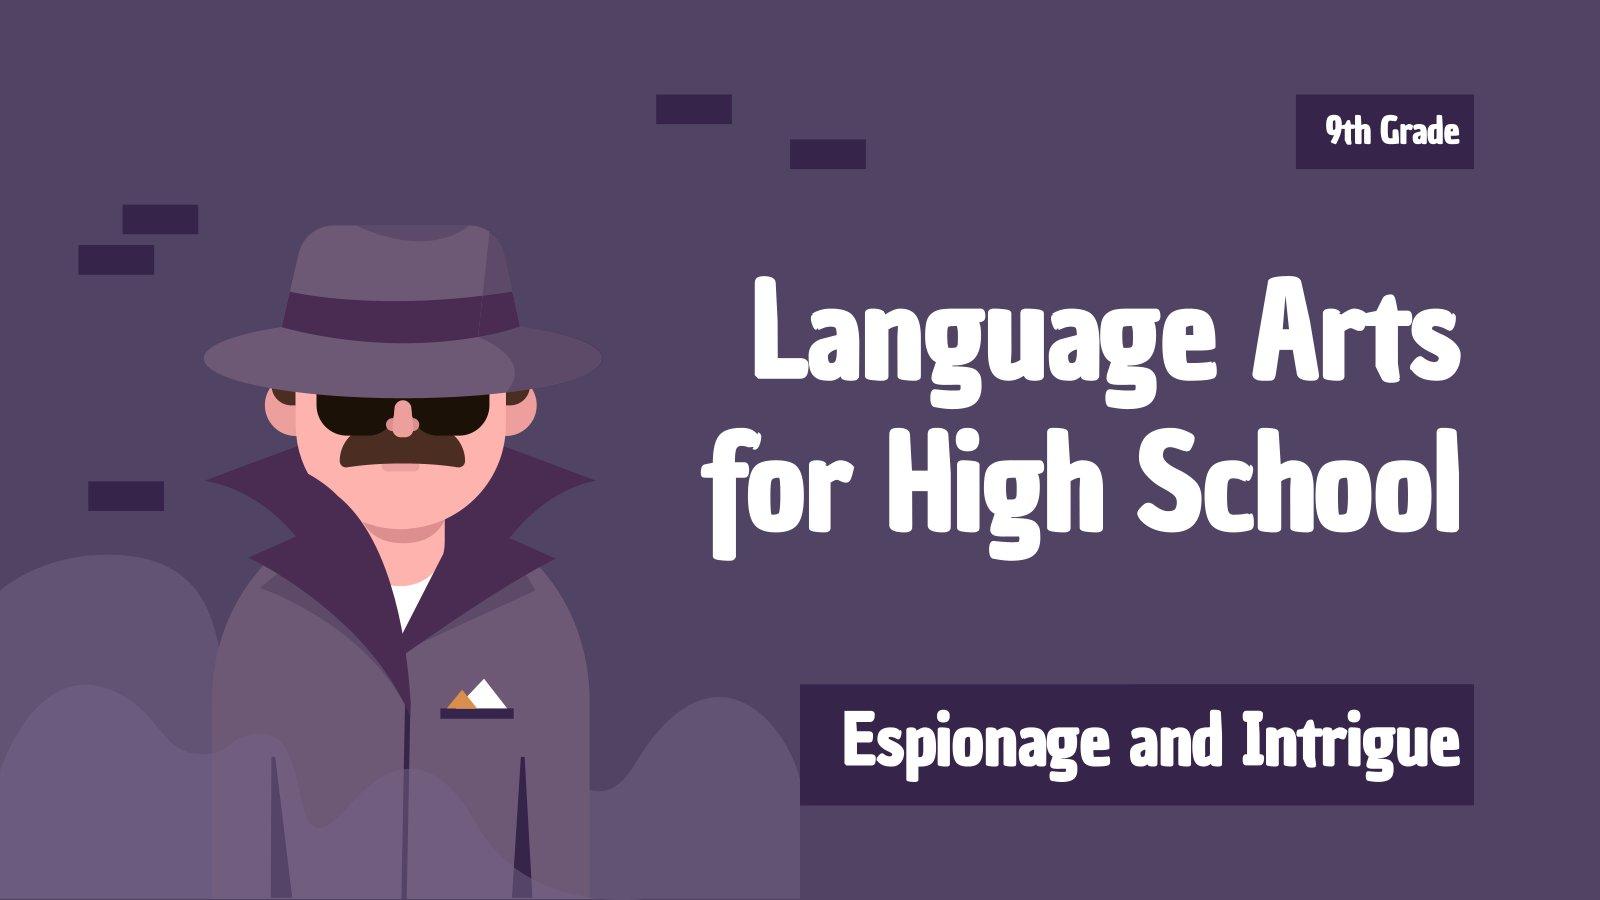 Plantilla de presentación Género literario de espionaje e intriga para el instituto